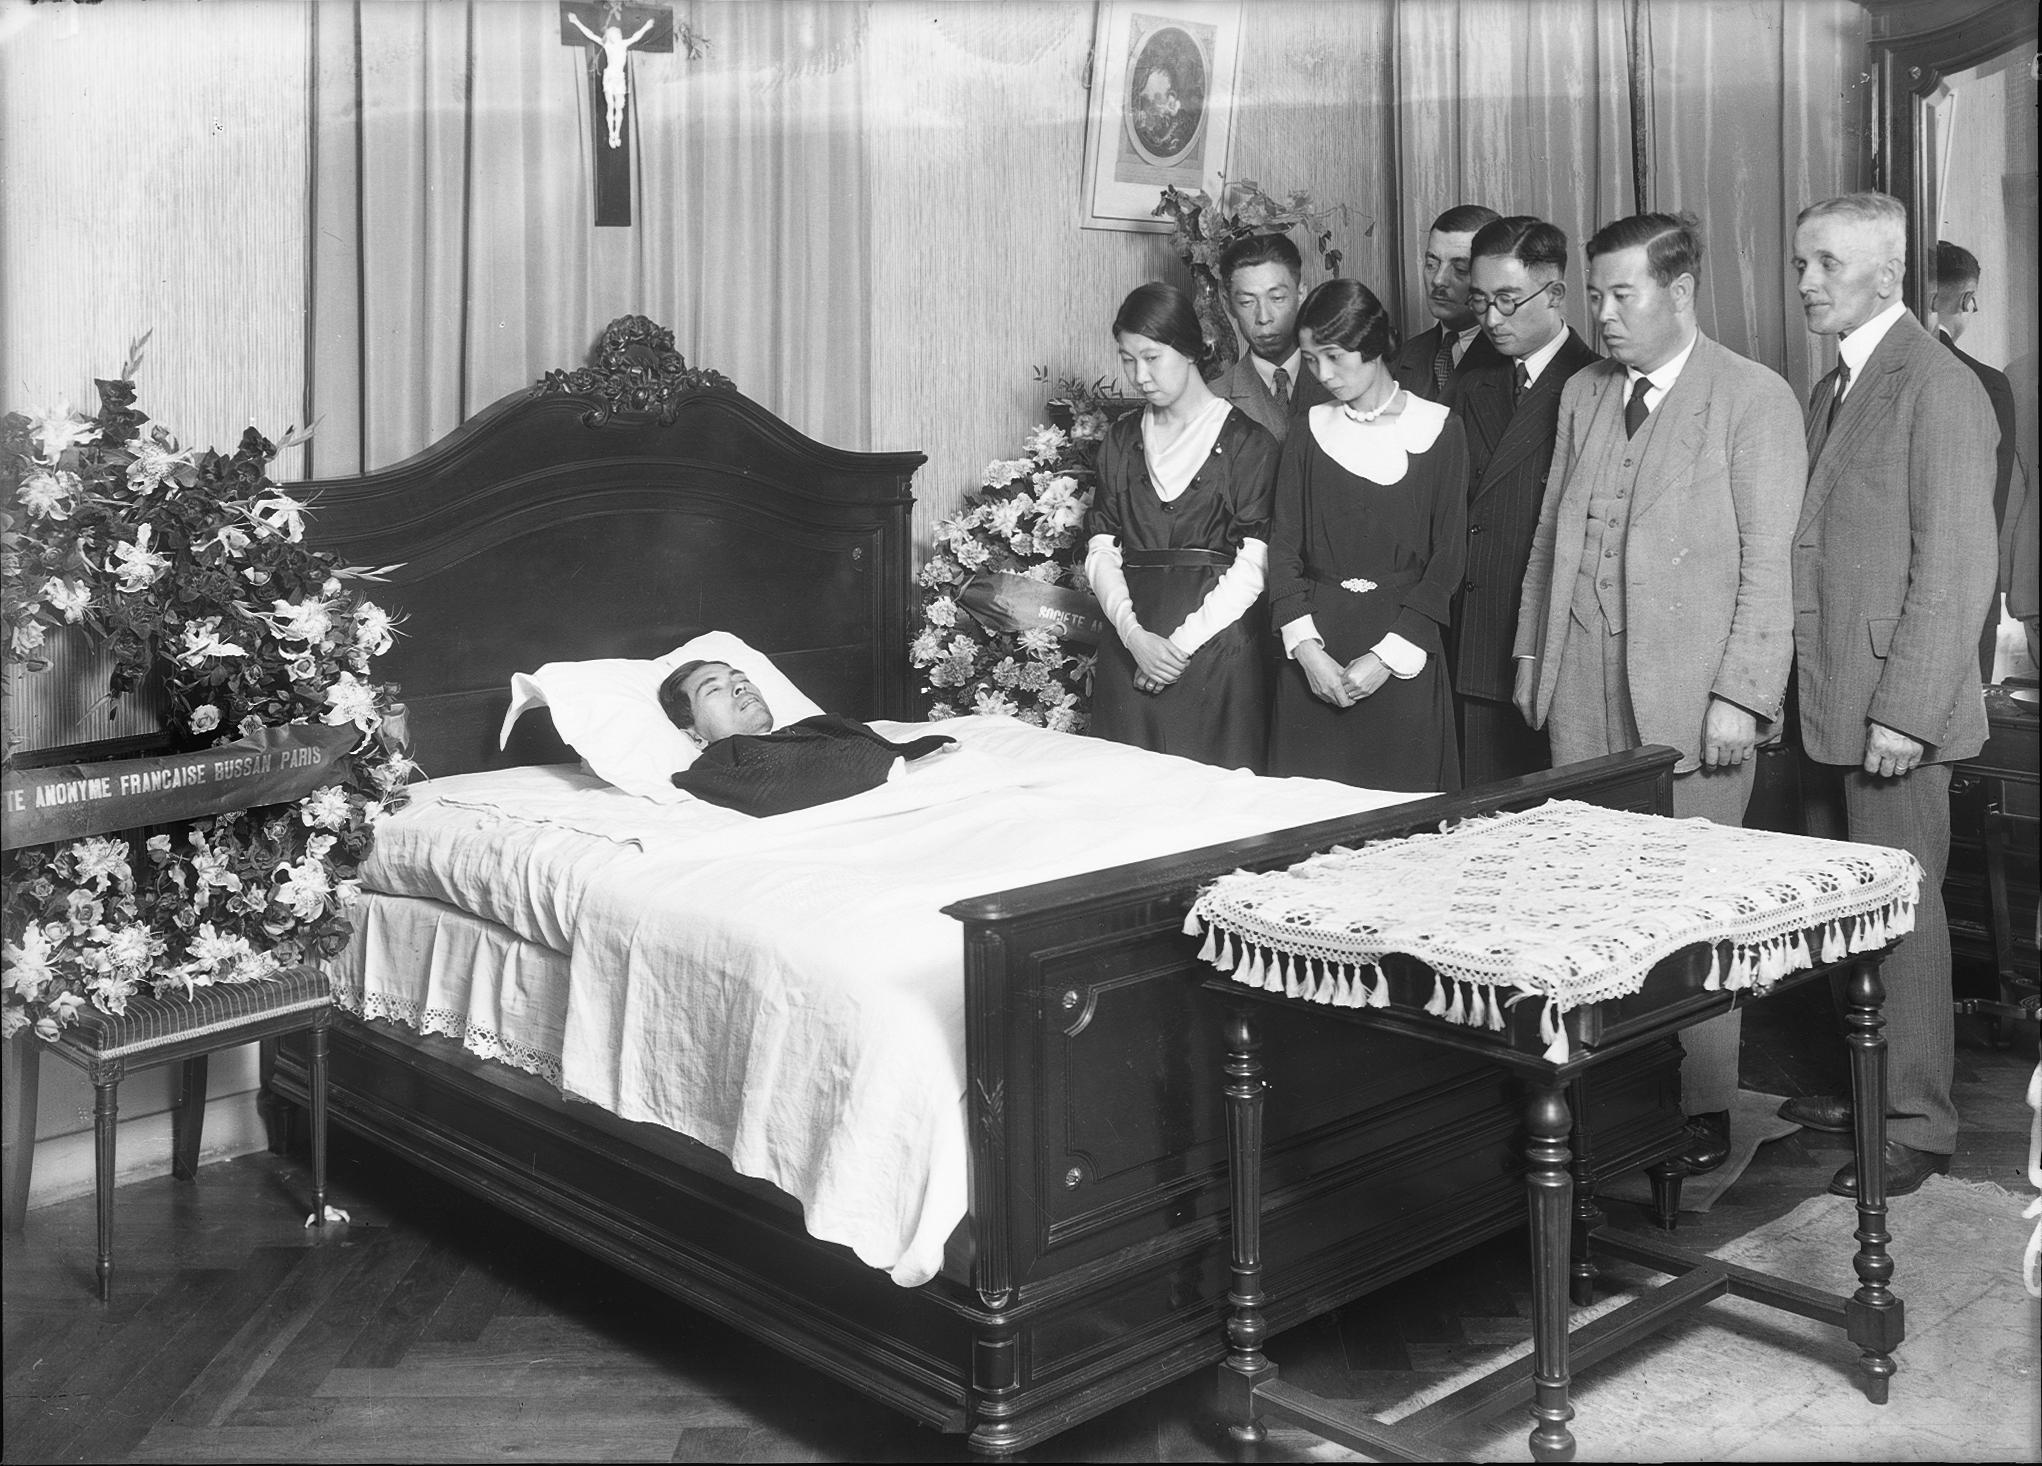 photographes en rh ne alpes enterrement de monsieur hara le defunt sur son lit de mort. Black Bedroom Furniture Sets. Home Design Ideas